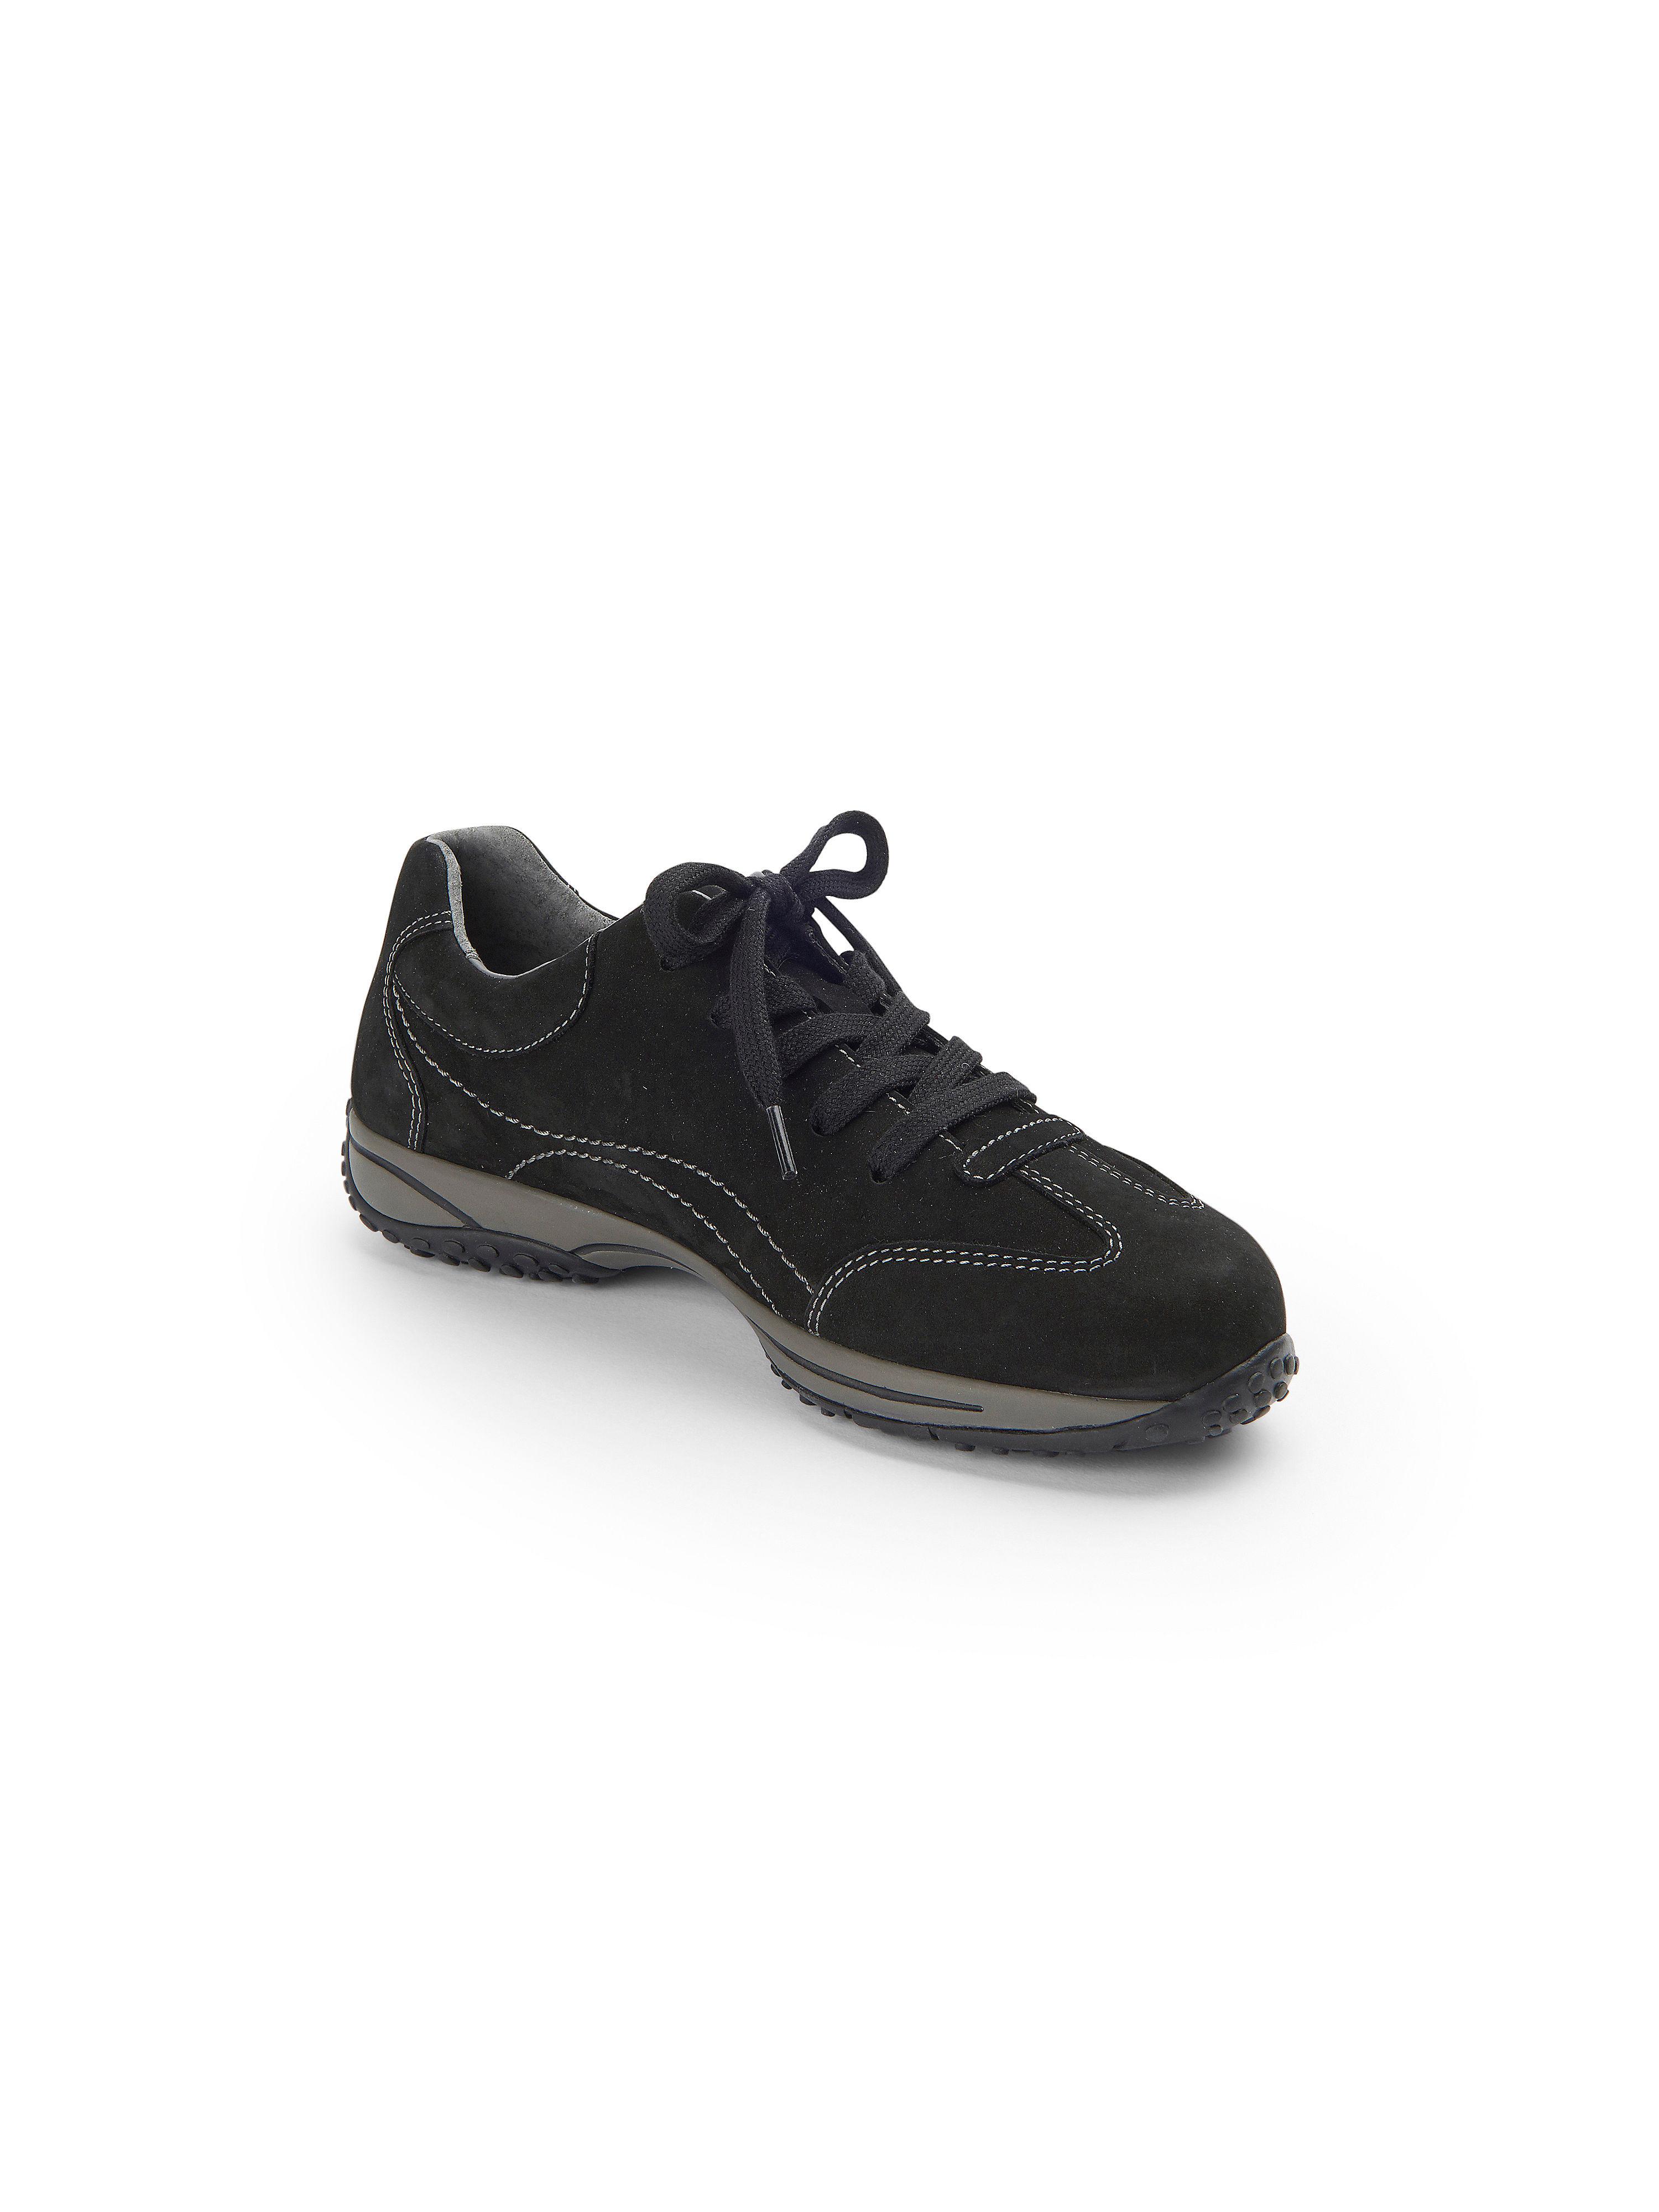 Gabor - Sneaker - Schwarz Gute Qualität beliebte Schuhe